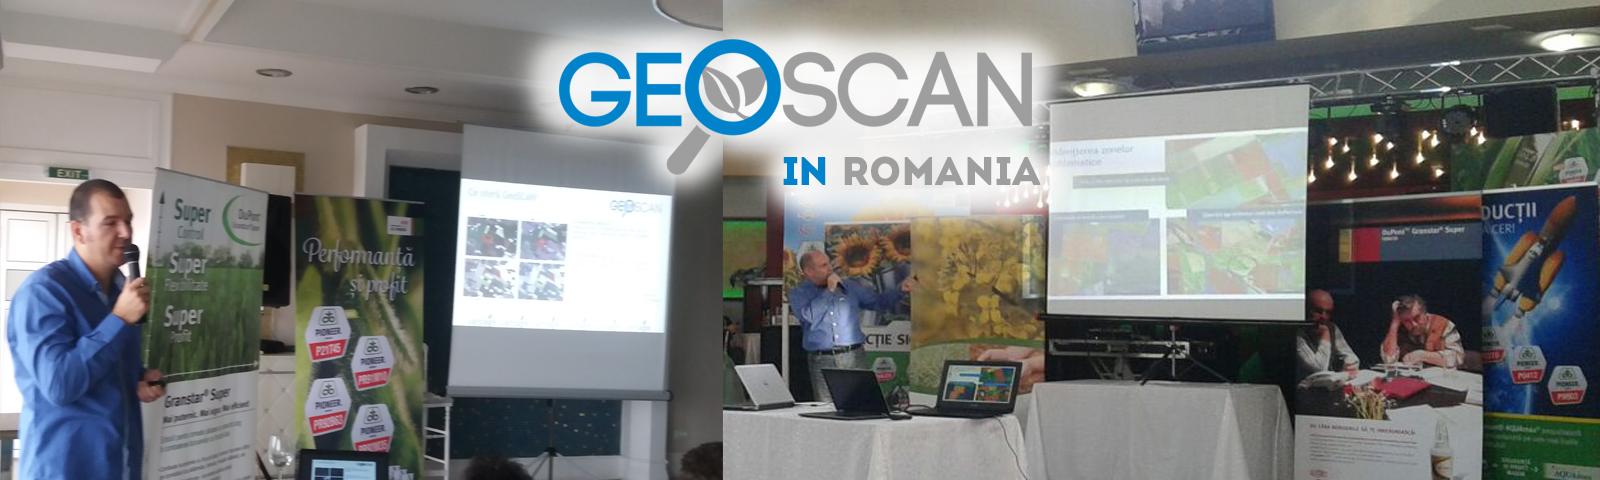 GeoSCAN on Pioneer Tour 12-19.01.17 in Romania